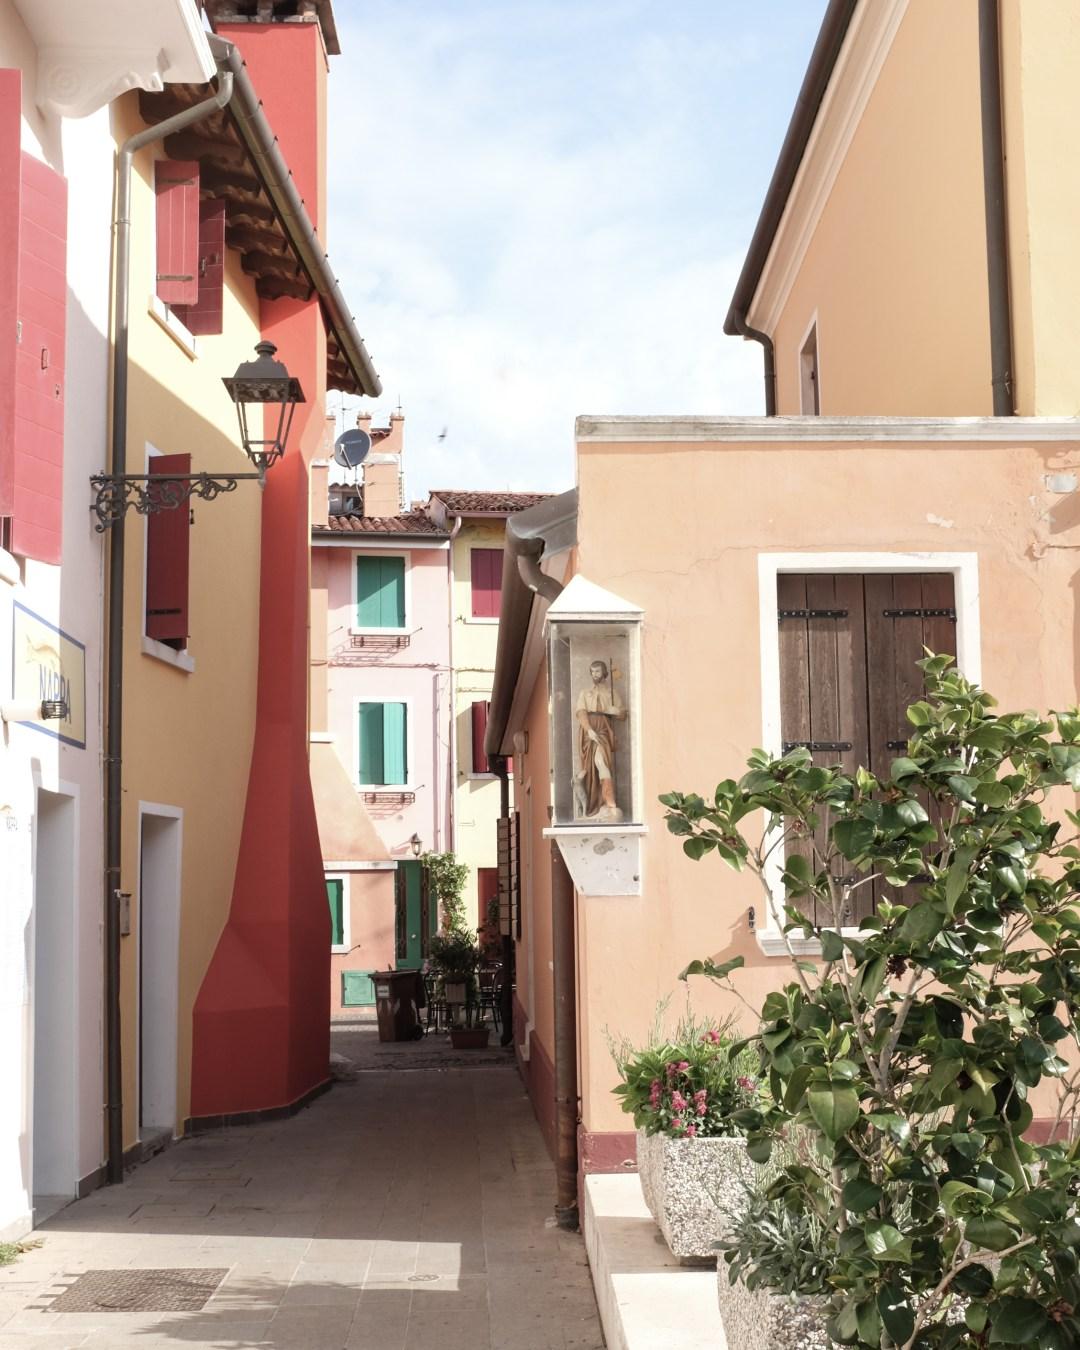 inastil, Ü50Blogger, Caorle, Familienurlaub, Italienurlaub, Strandurlaub, Italienliebe, Italien, Sommerurlaub, Urlaubstipps, Hoteltipp, Familienurlaub in Italien,_-15